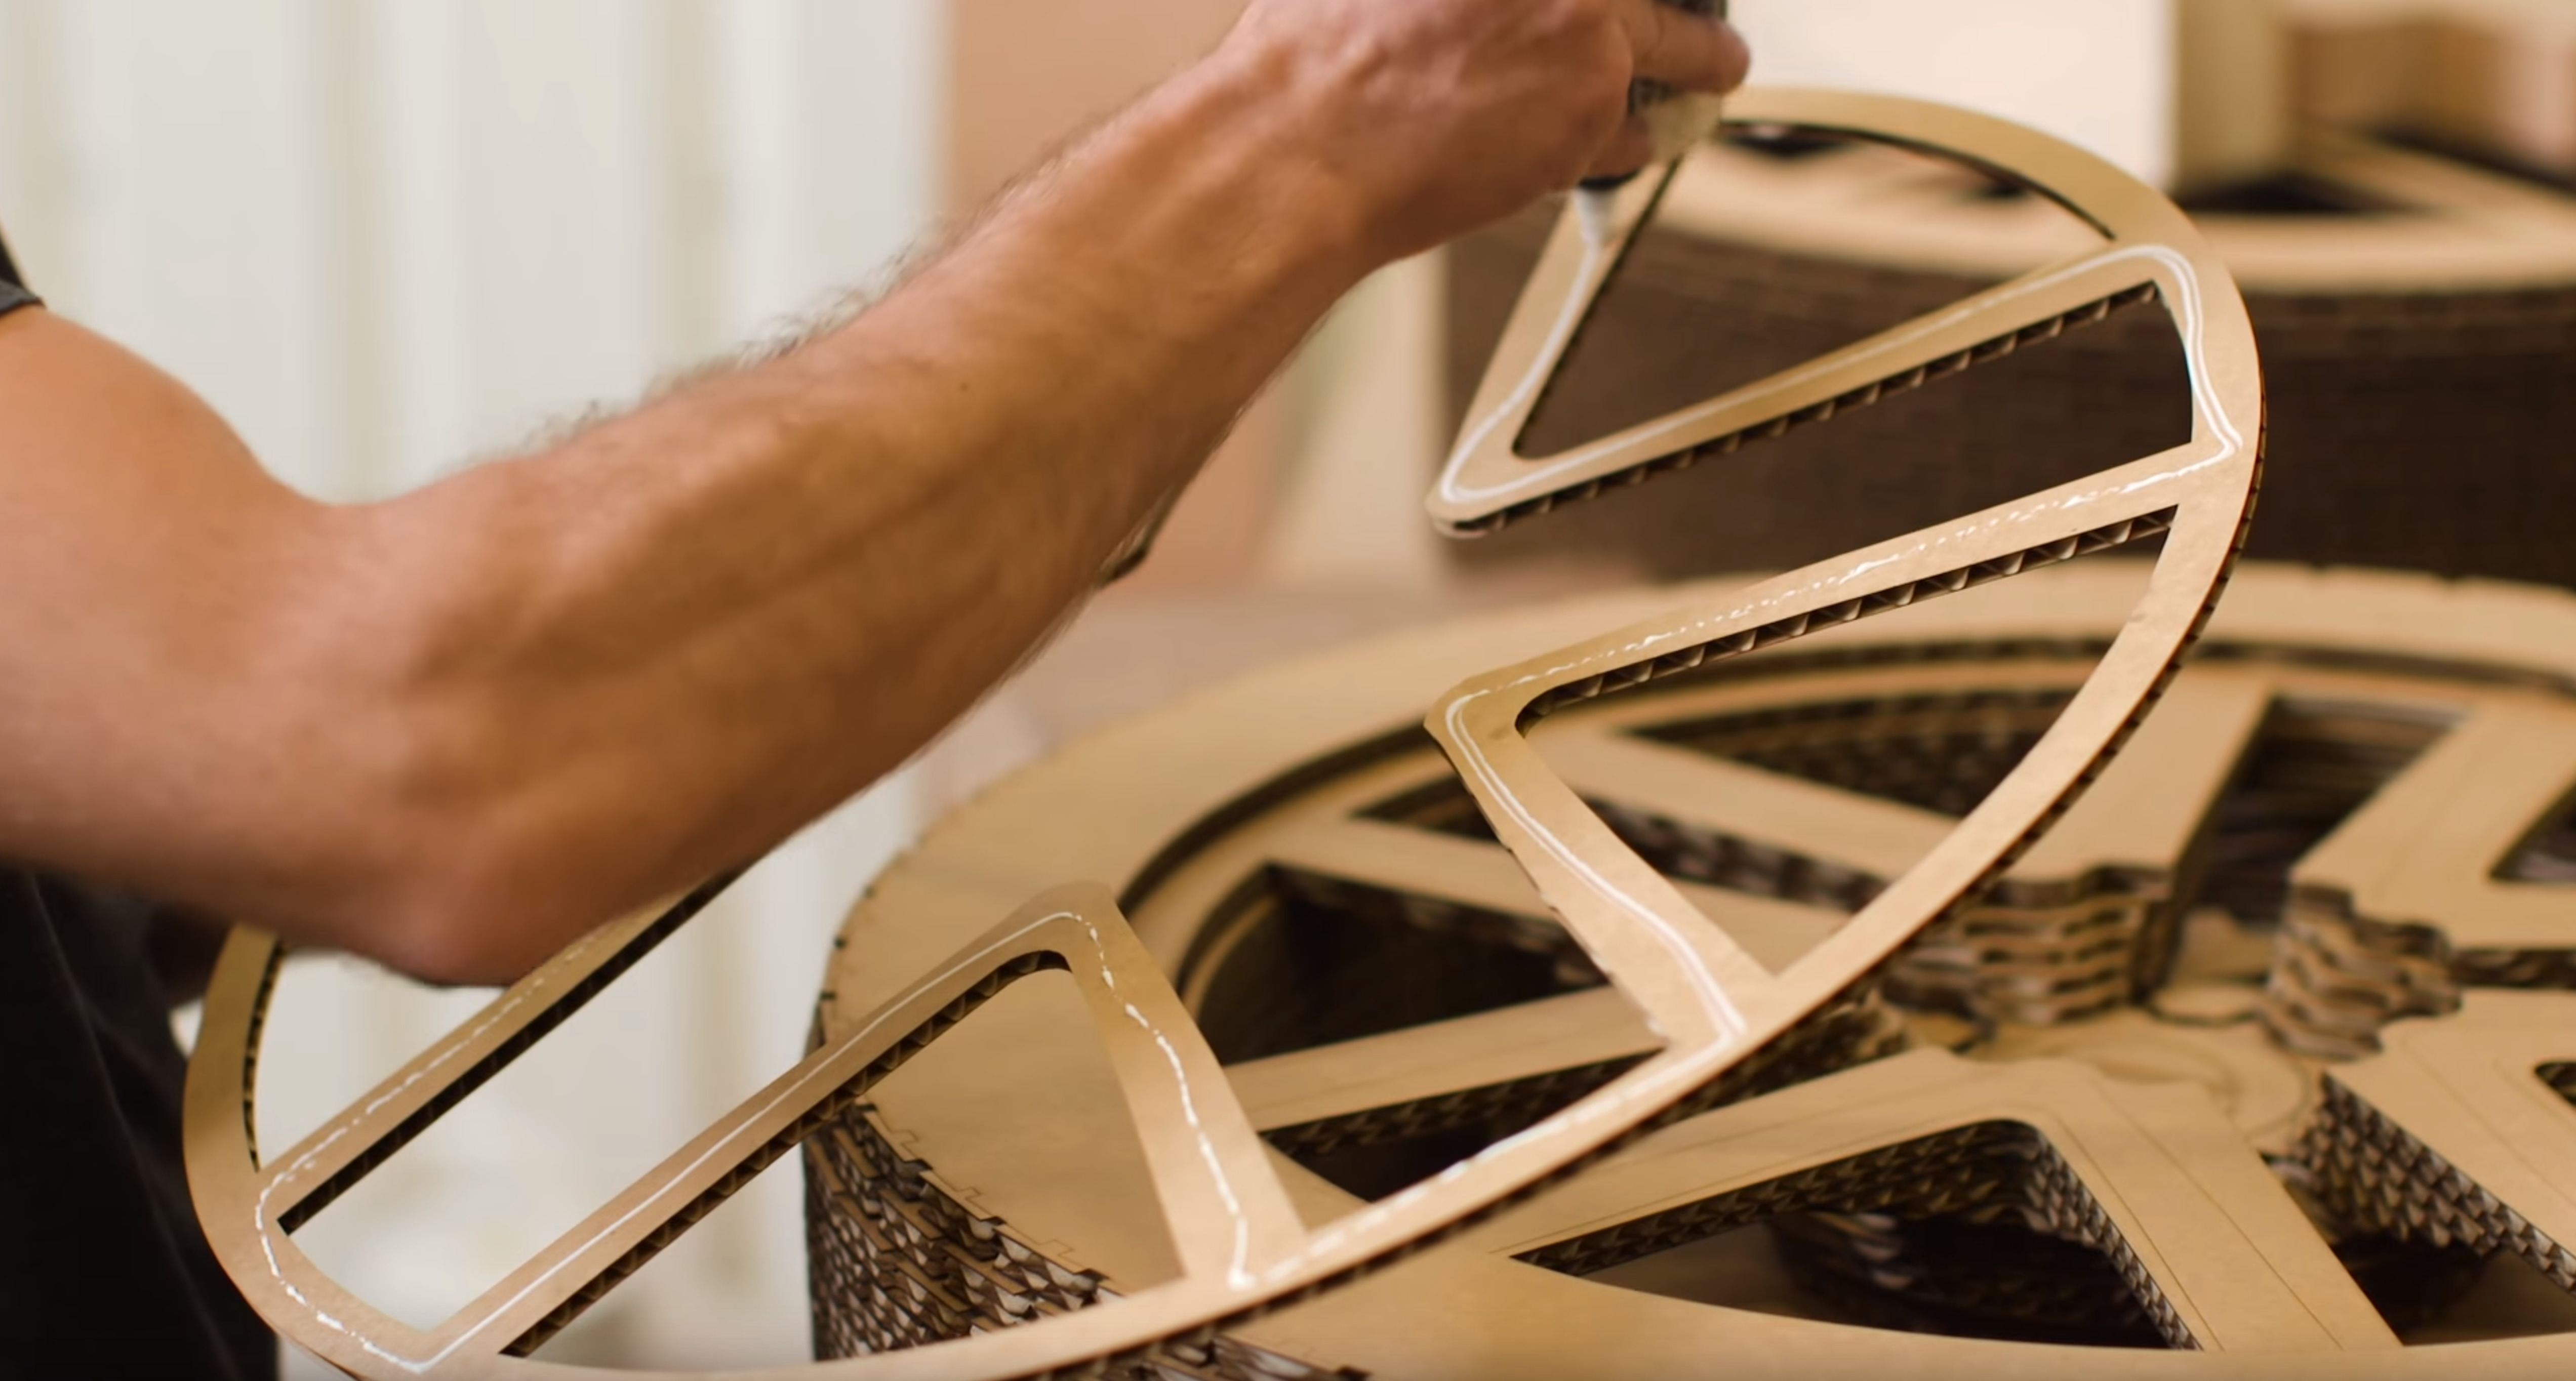 cardboard-car-glueing-wheels